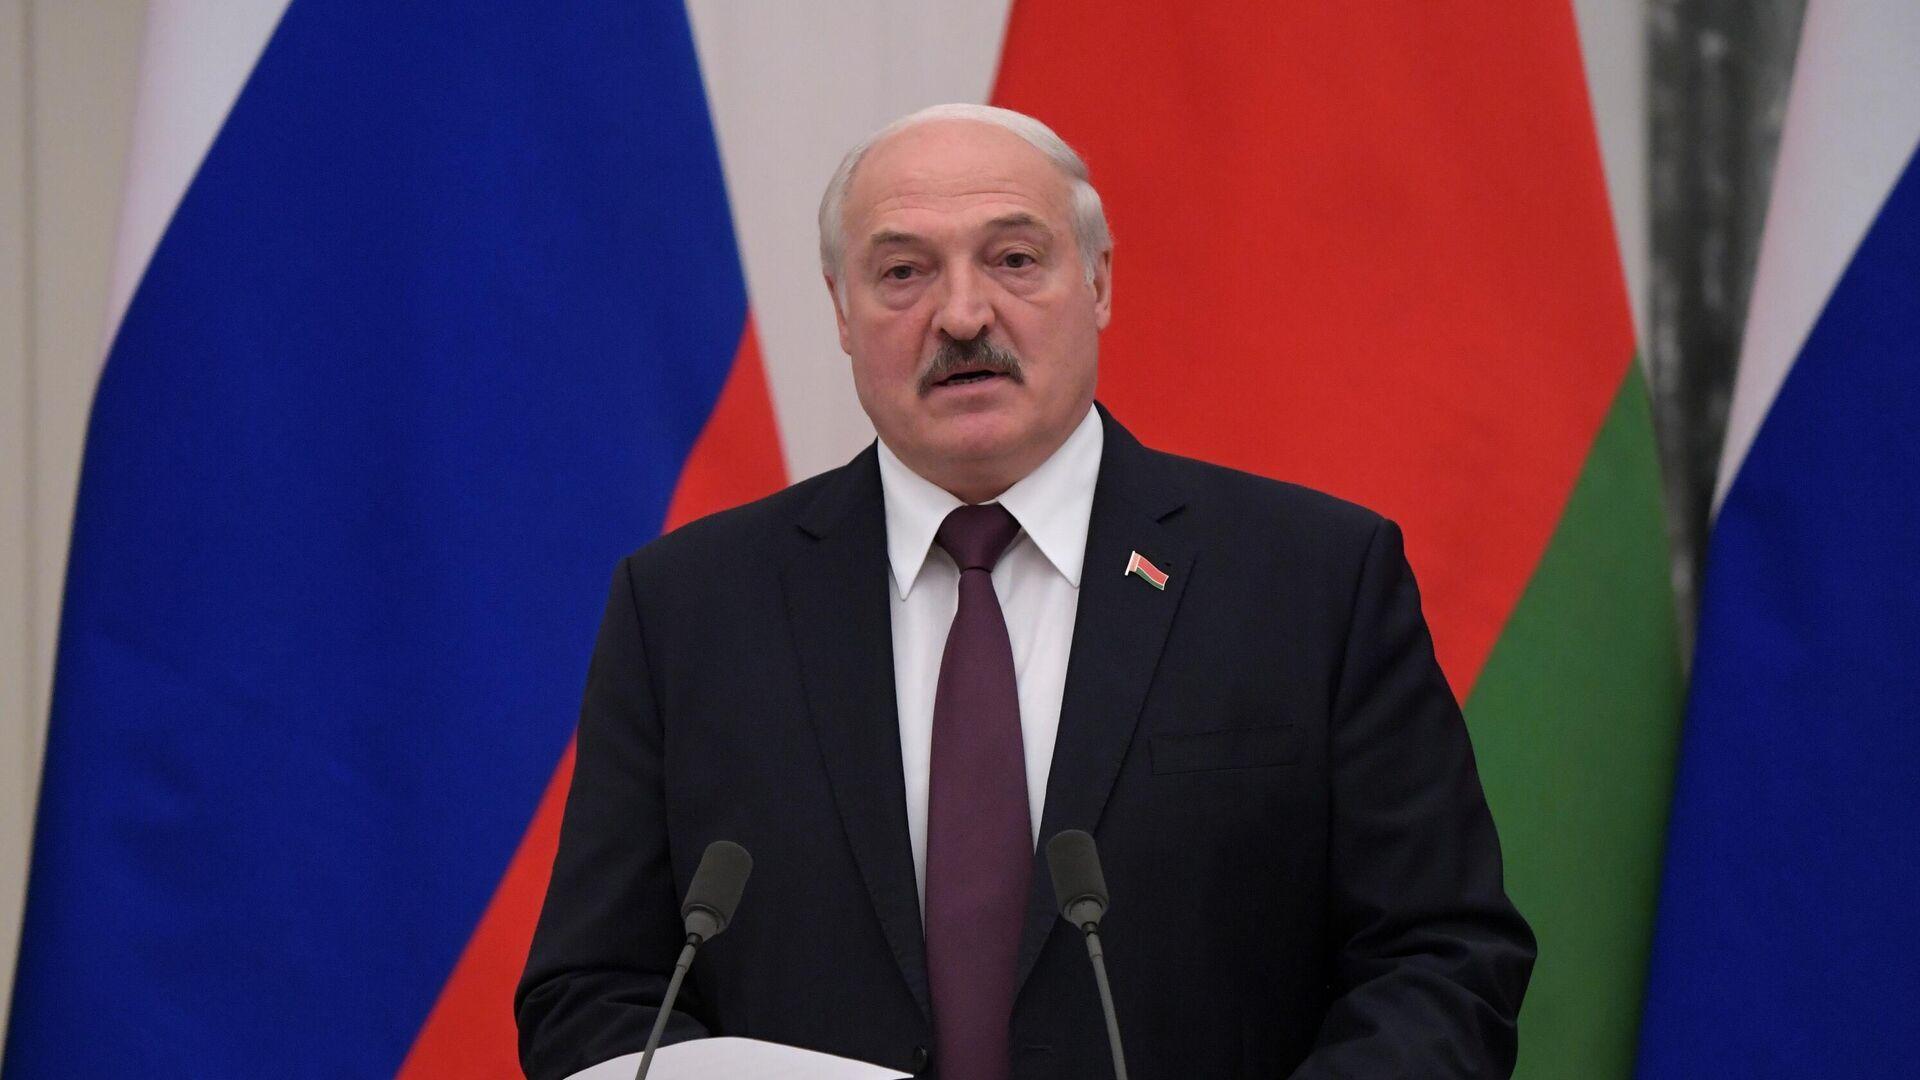 1749496352 0:0:2988:1681 1920x0 80 0 0 502e20e4673a07a6055a9b16030c6b9b - Лукашенко: артисты, отказавшиеся от сотрудничества с властями в ходе протестов, предатели